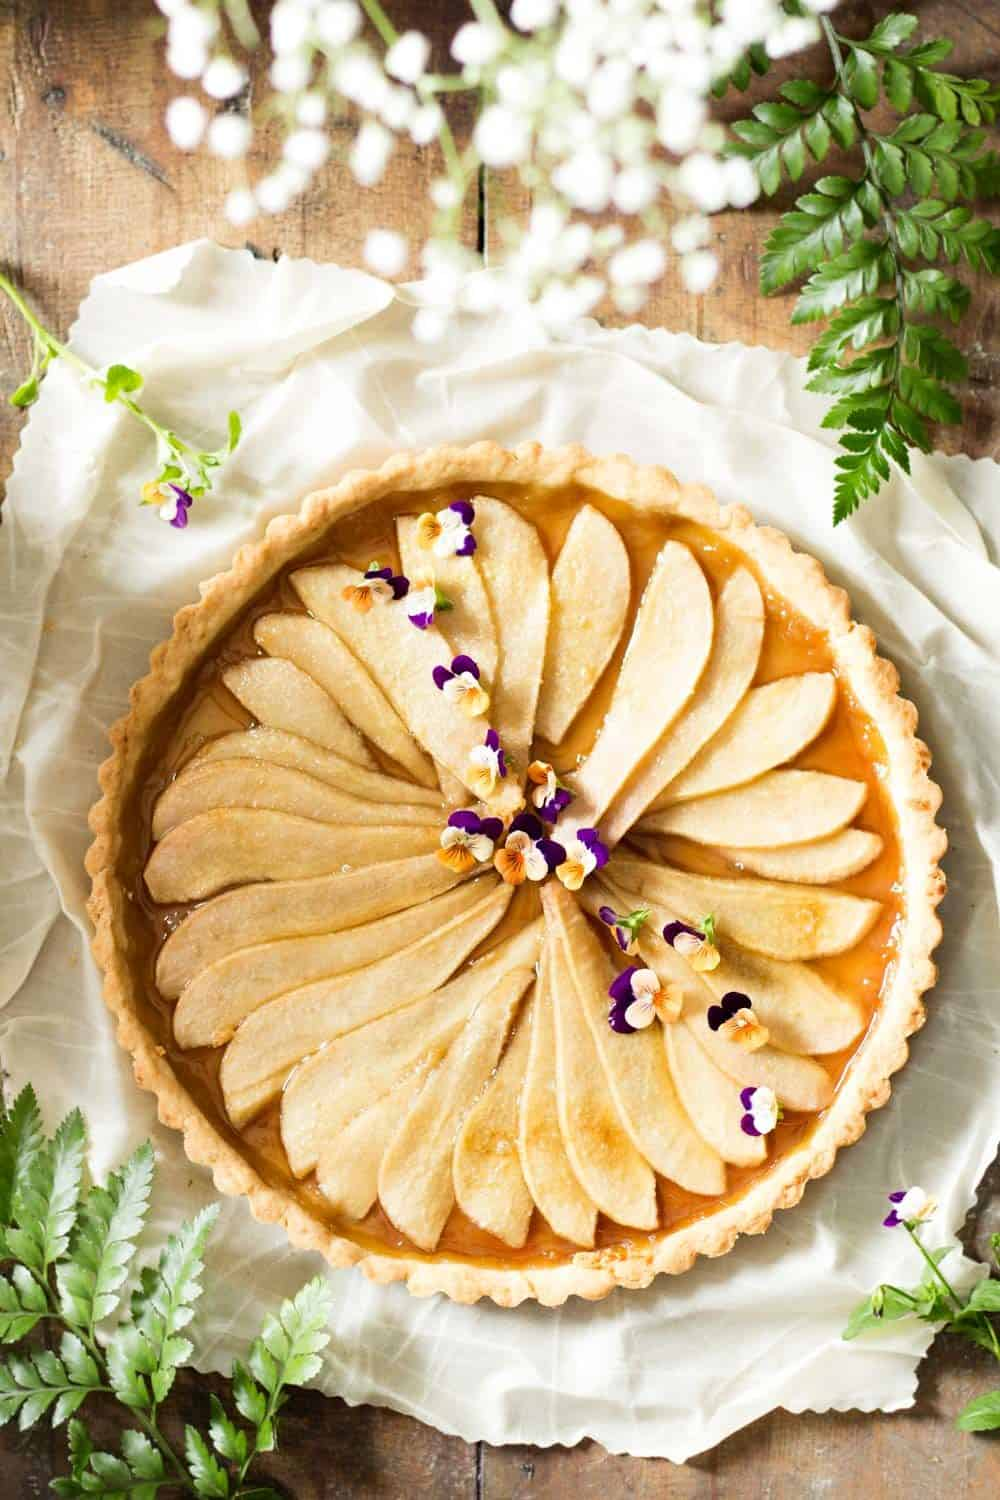 Simple Pear Tart